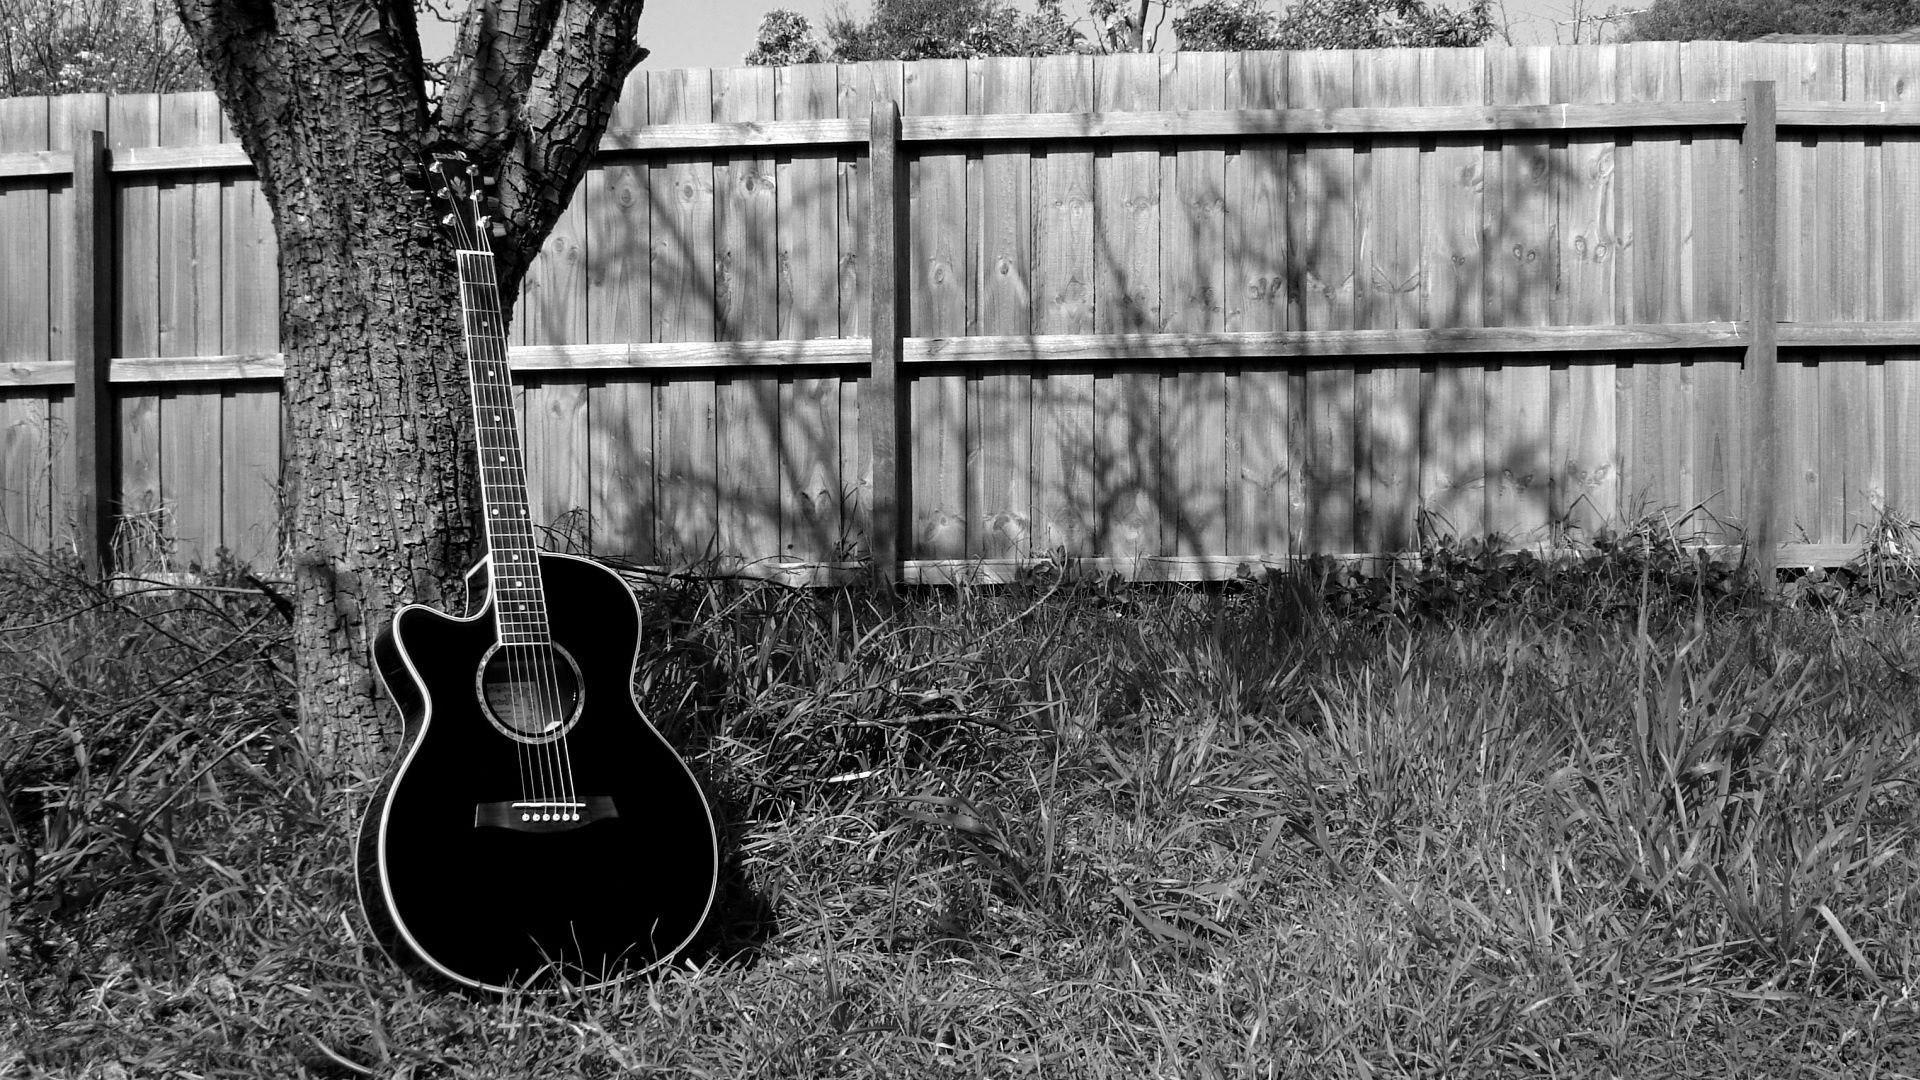 Guitar Black Background 48 Images